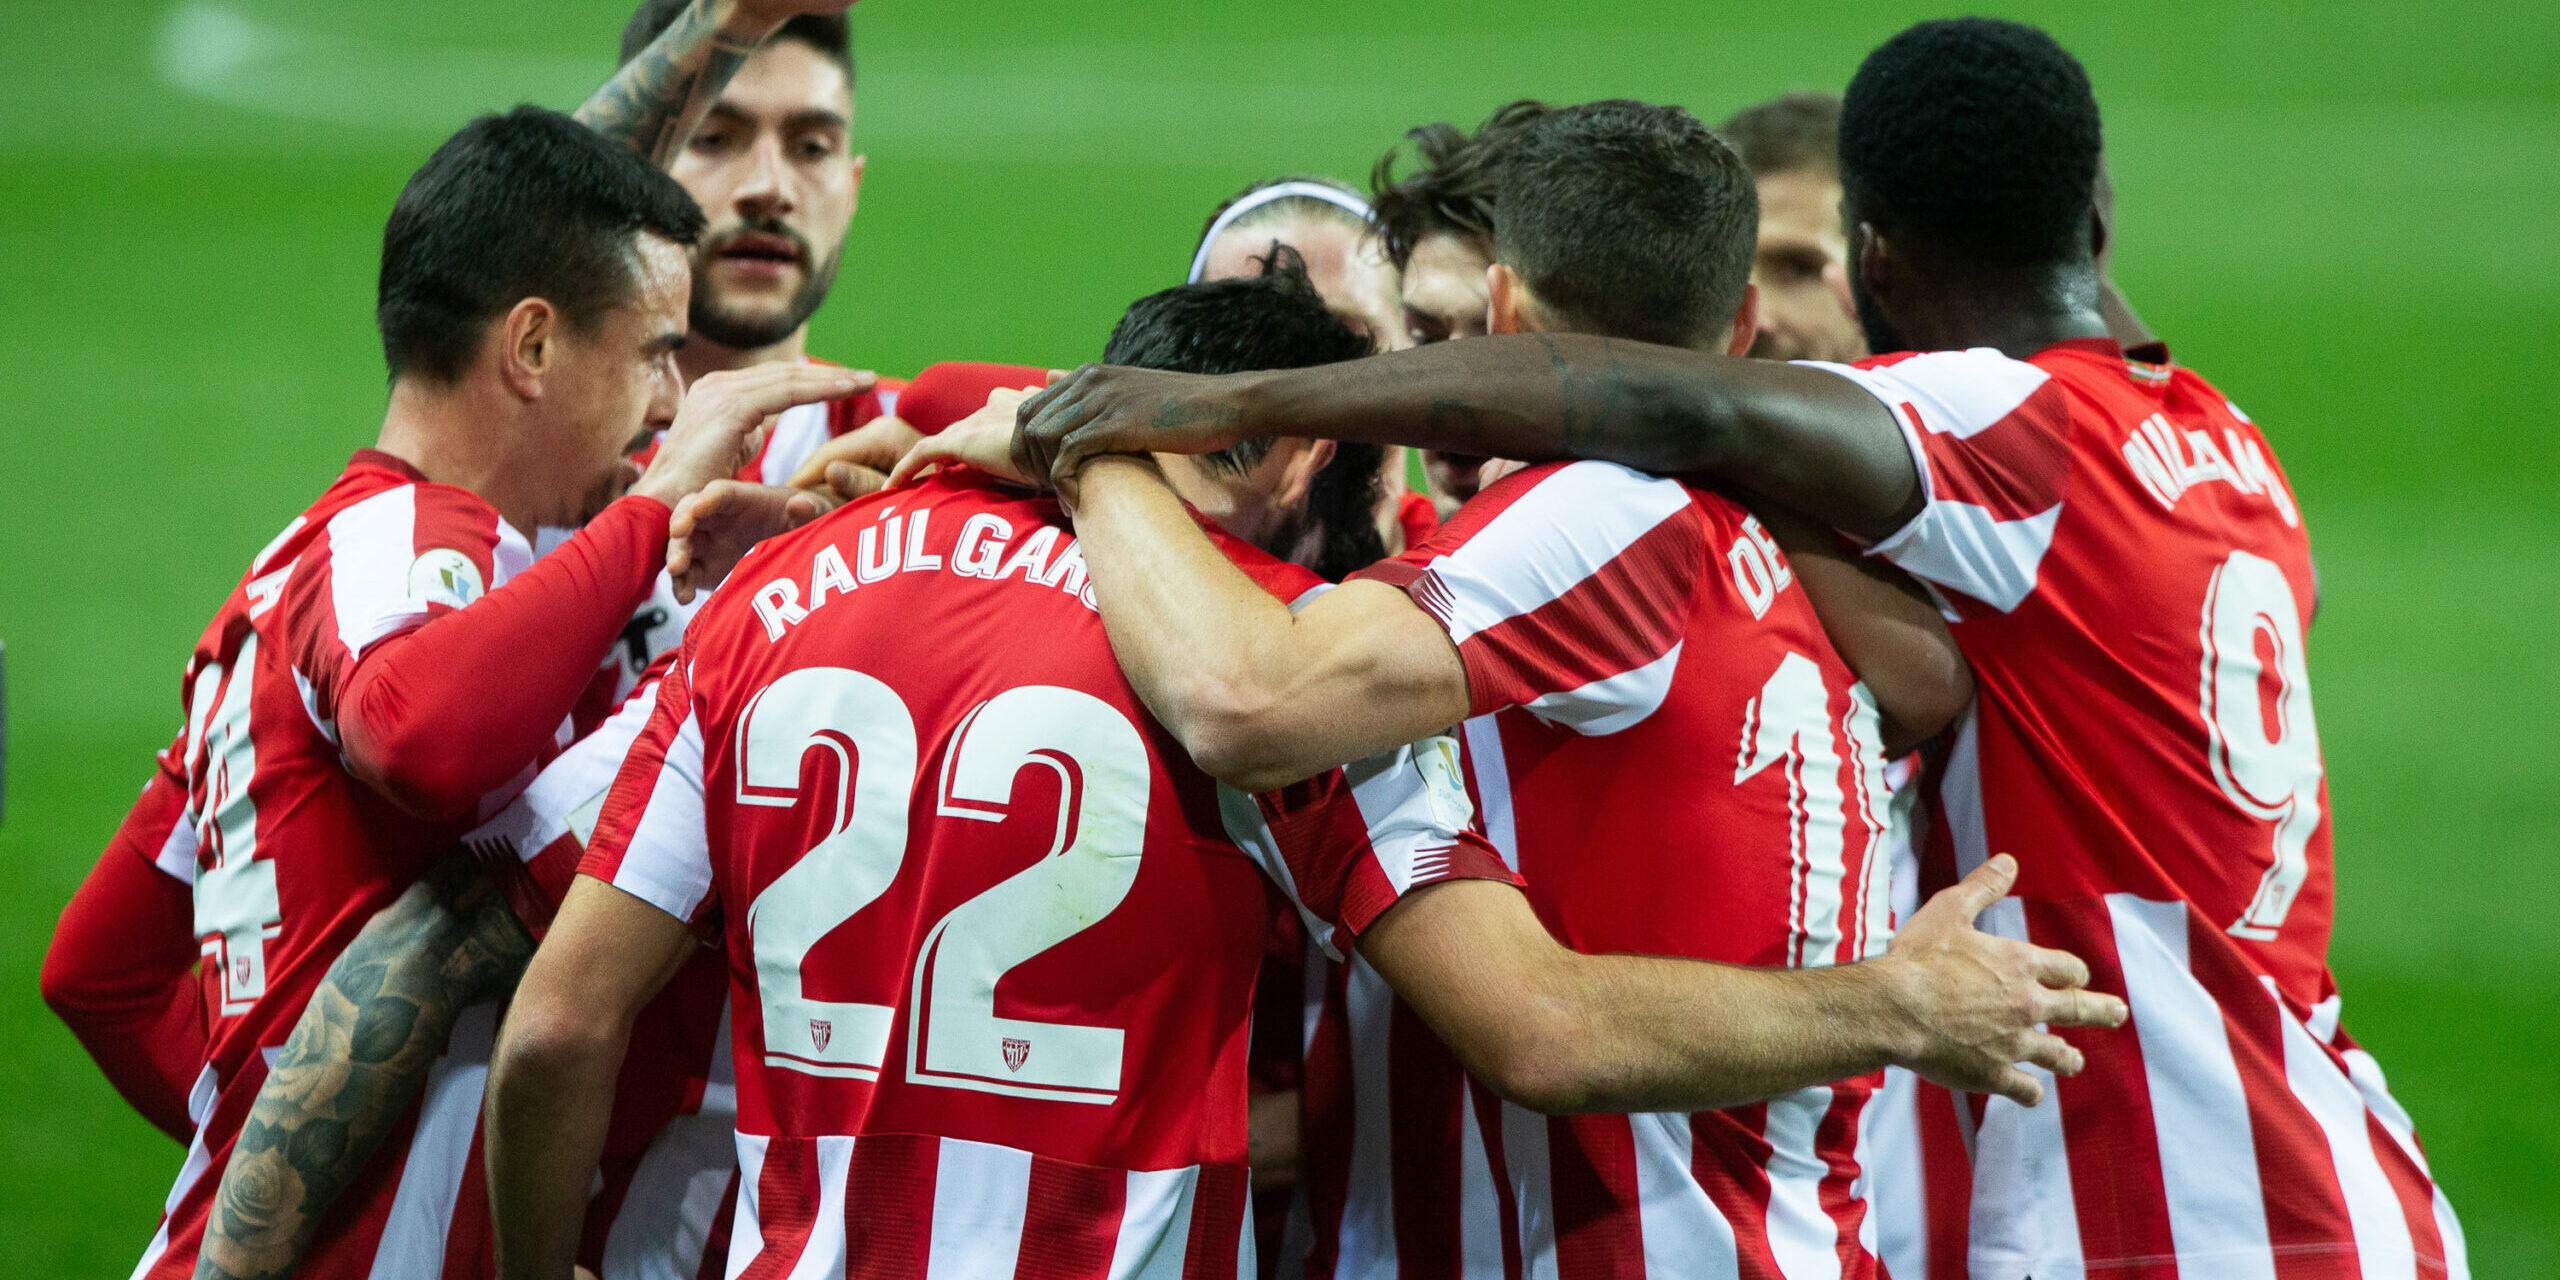 Els jugadors de l'Athletic celebren un dels gols de Raúl García contra el Madrid   Europa Press